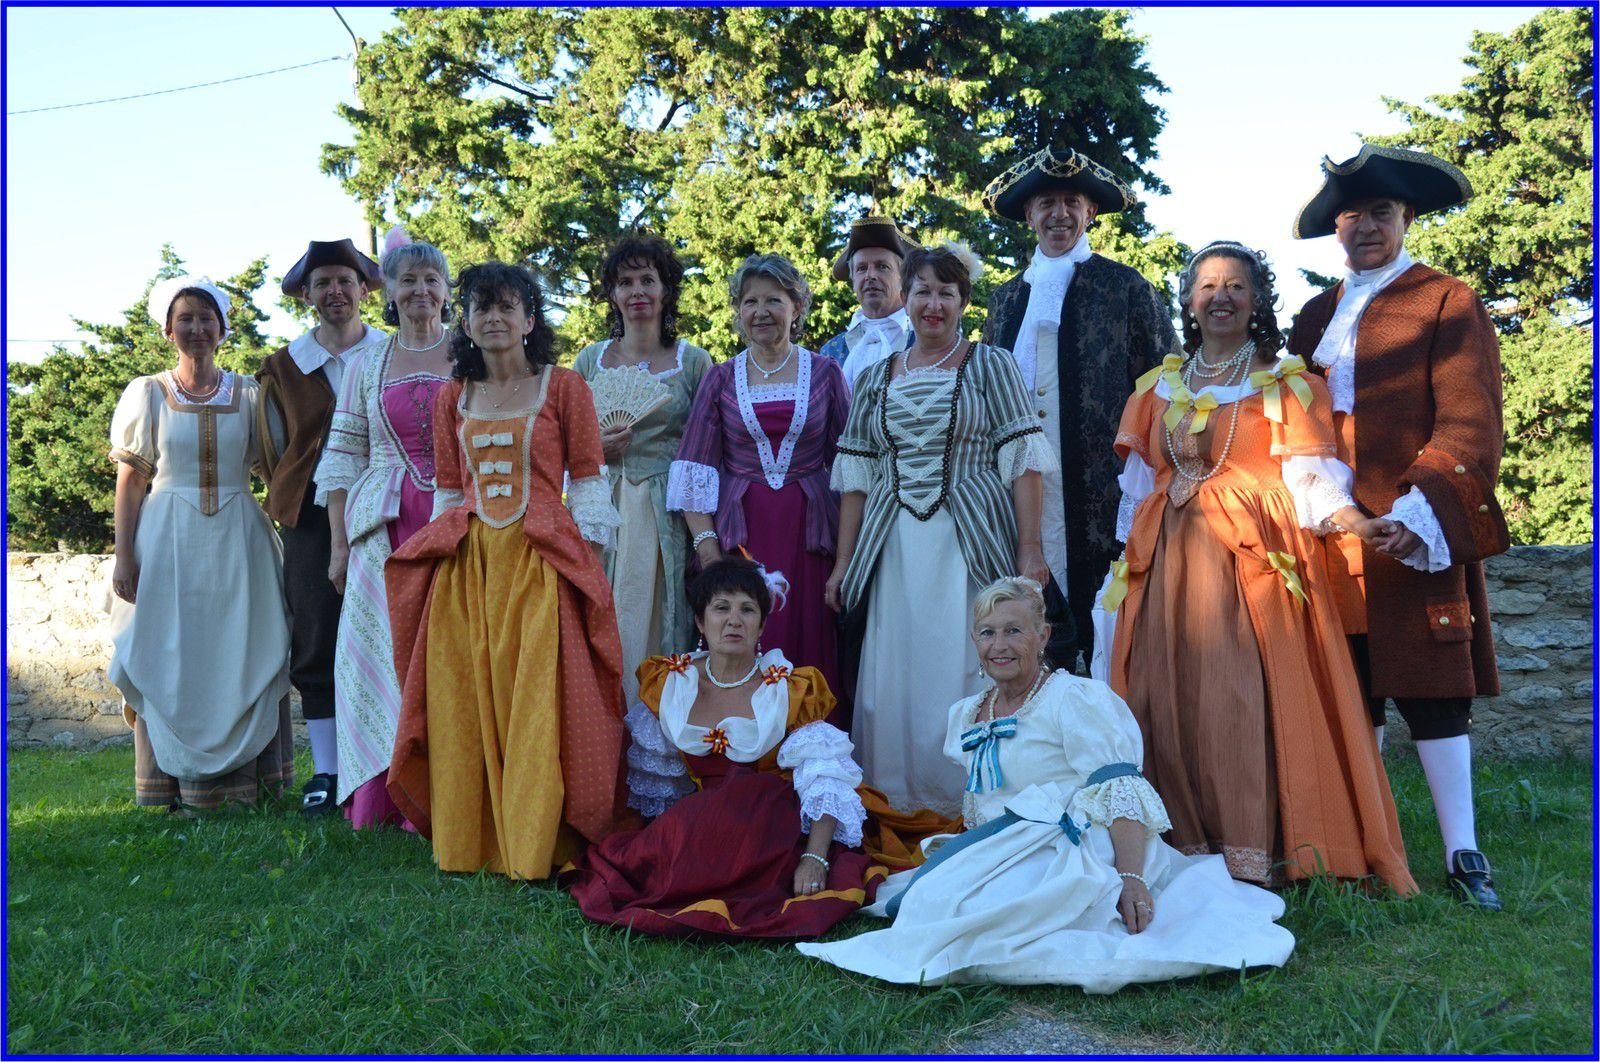 Costumes 17ème siècle